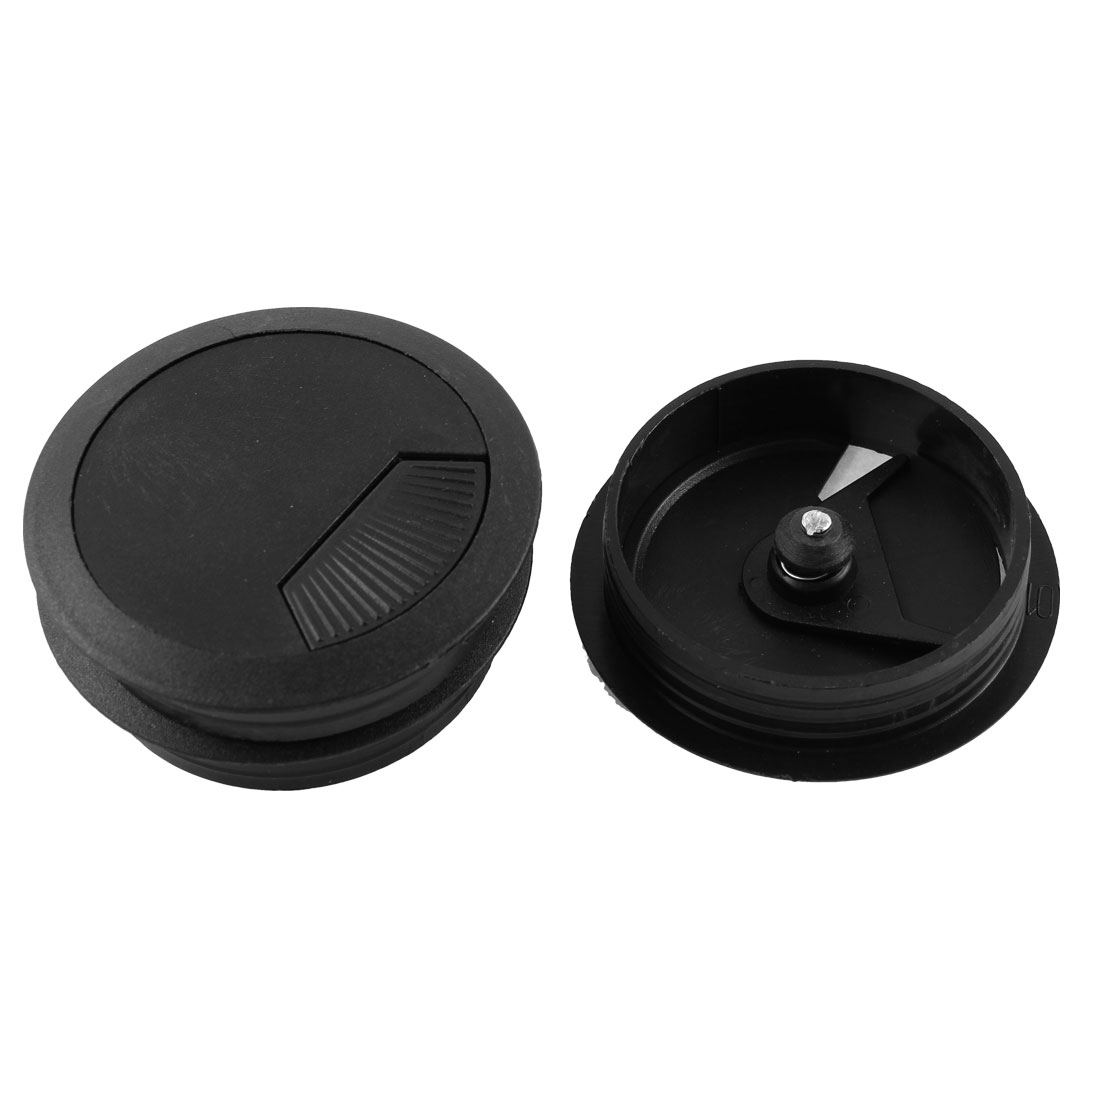 3 Pcs Office Computer Desk Cable Hole Covers Plastic Grommets Black 60mm